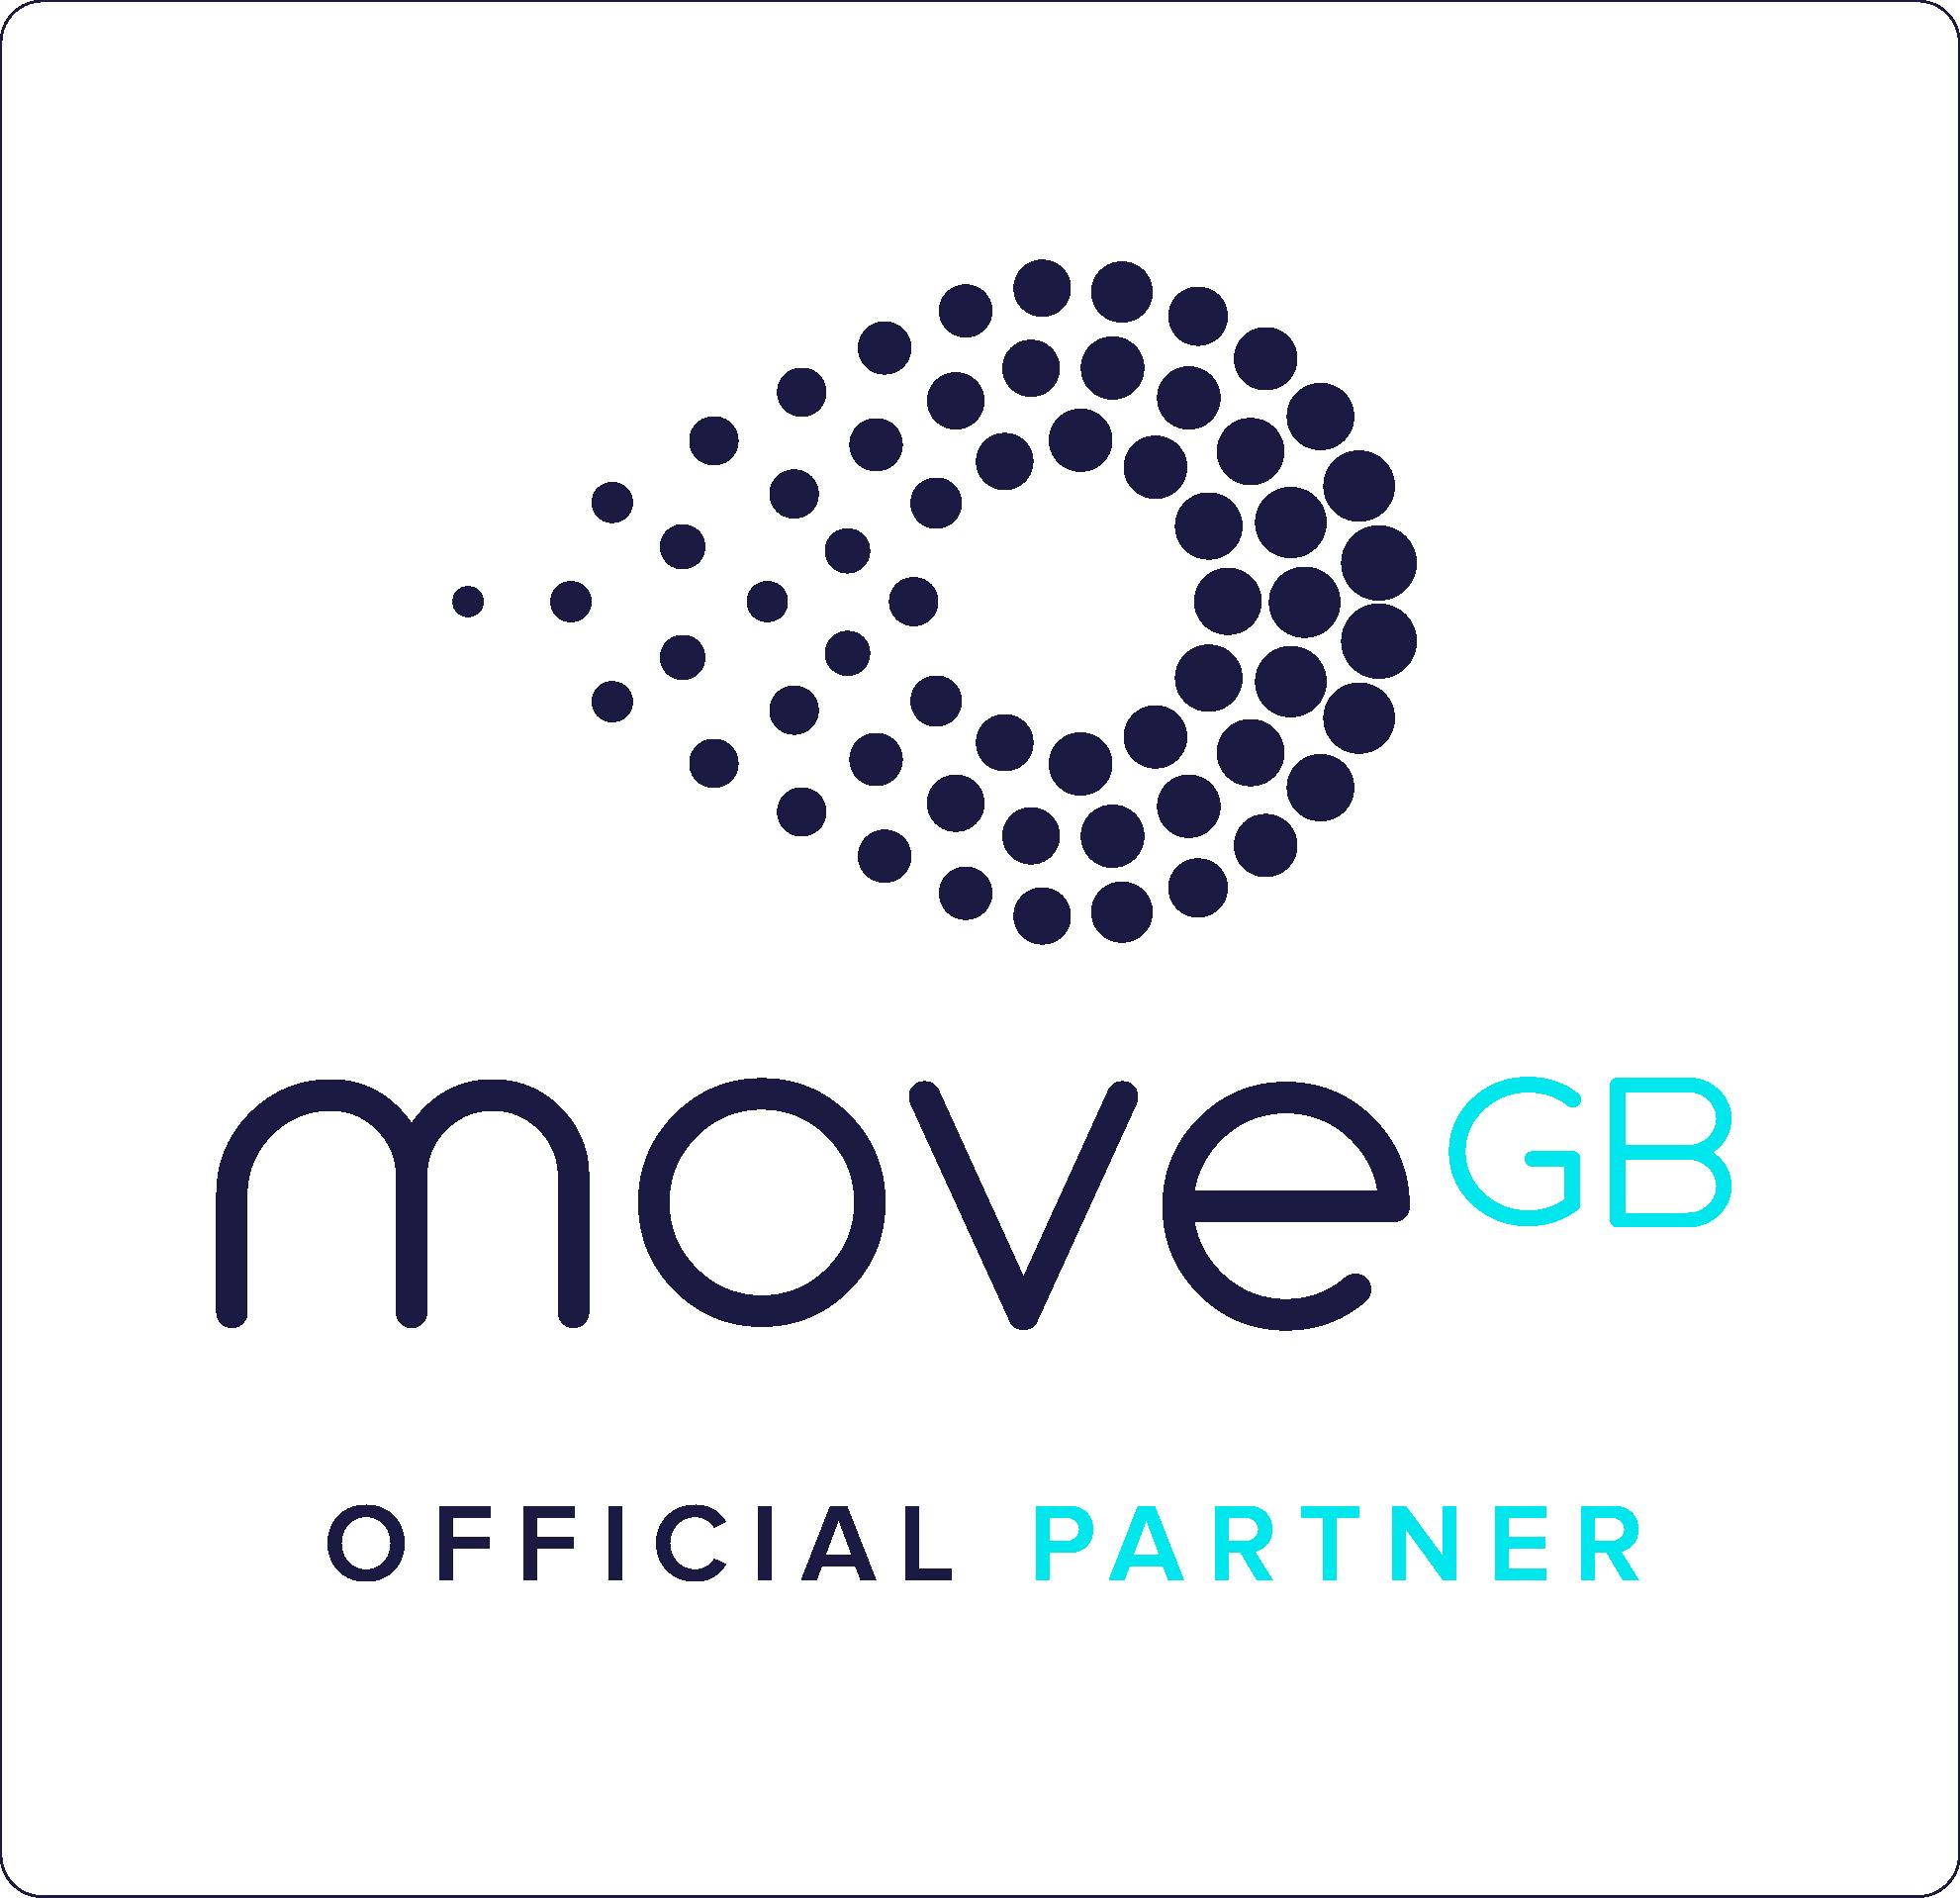 Move GB logo